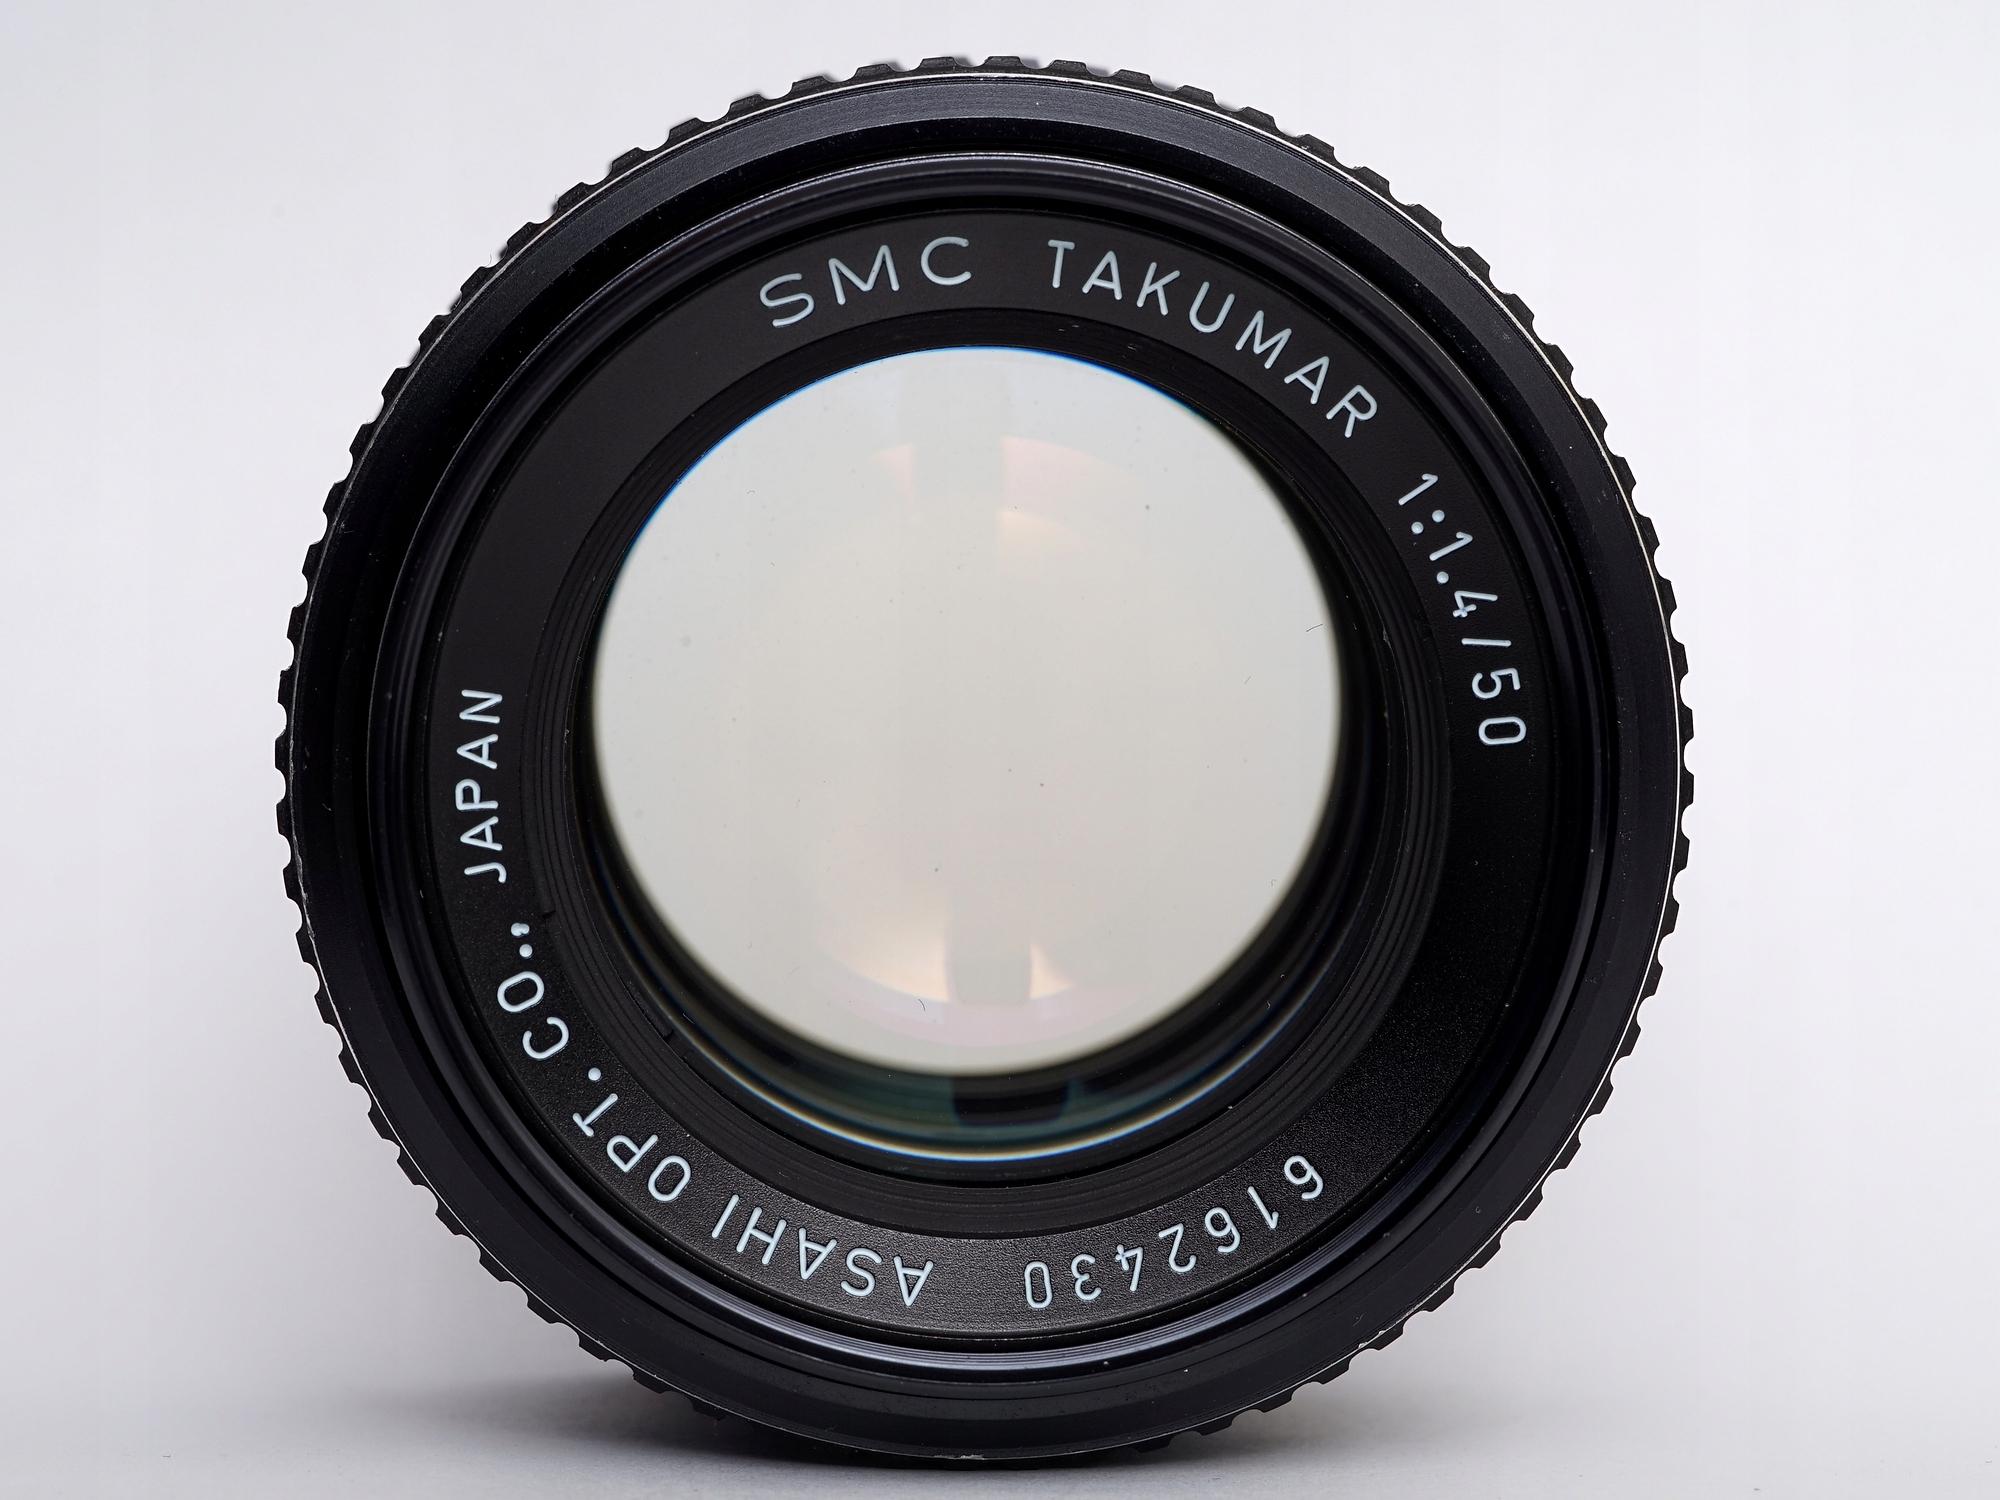 Obiektyw SMC TAKUMAR 50mm f1 4 M42 - 7927823435 - oficjalne